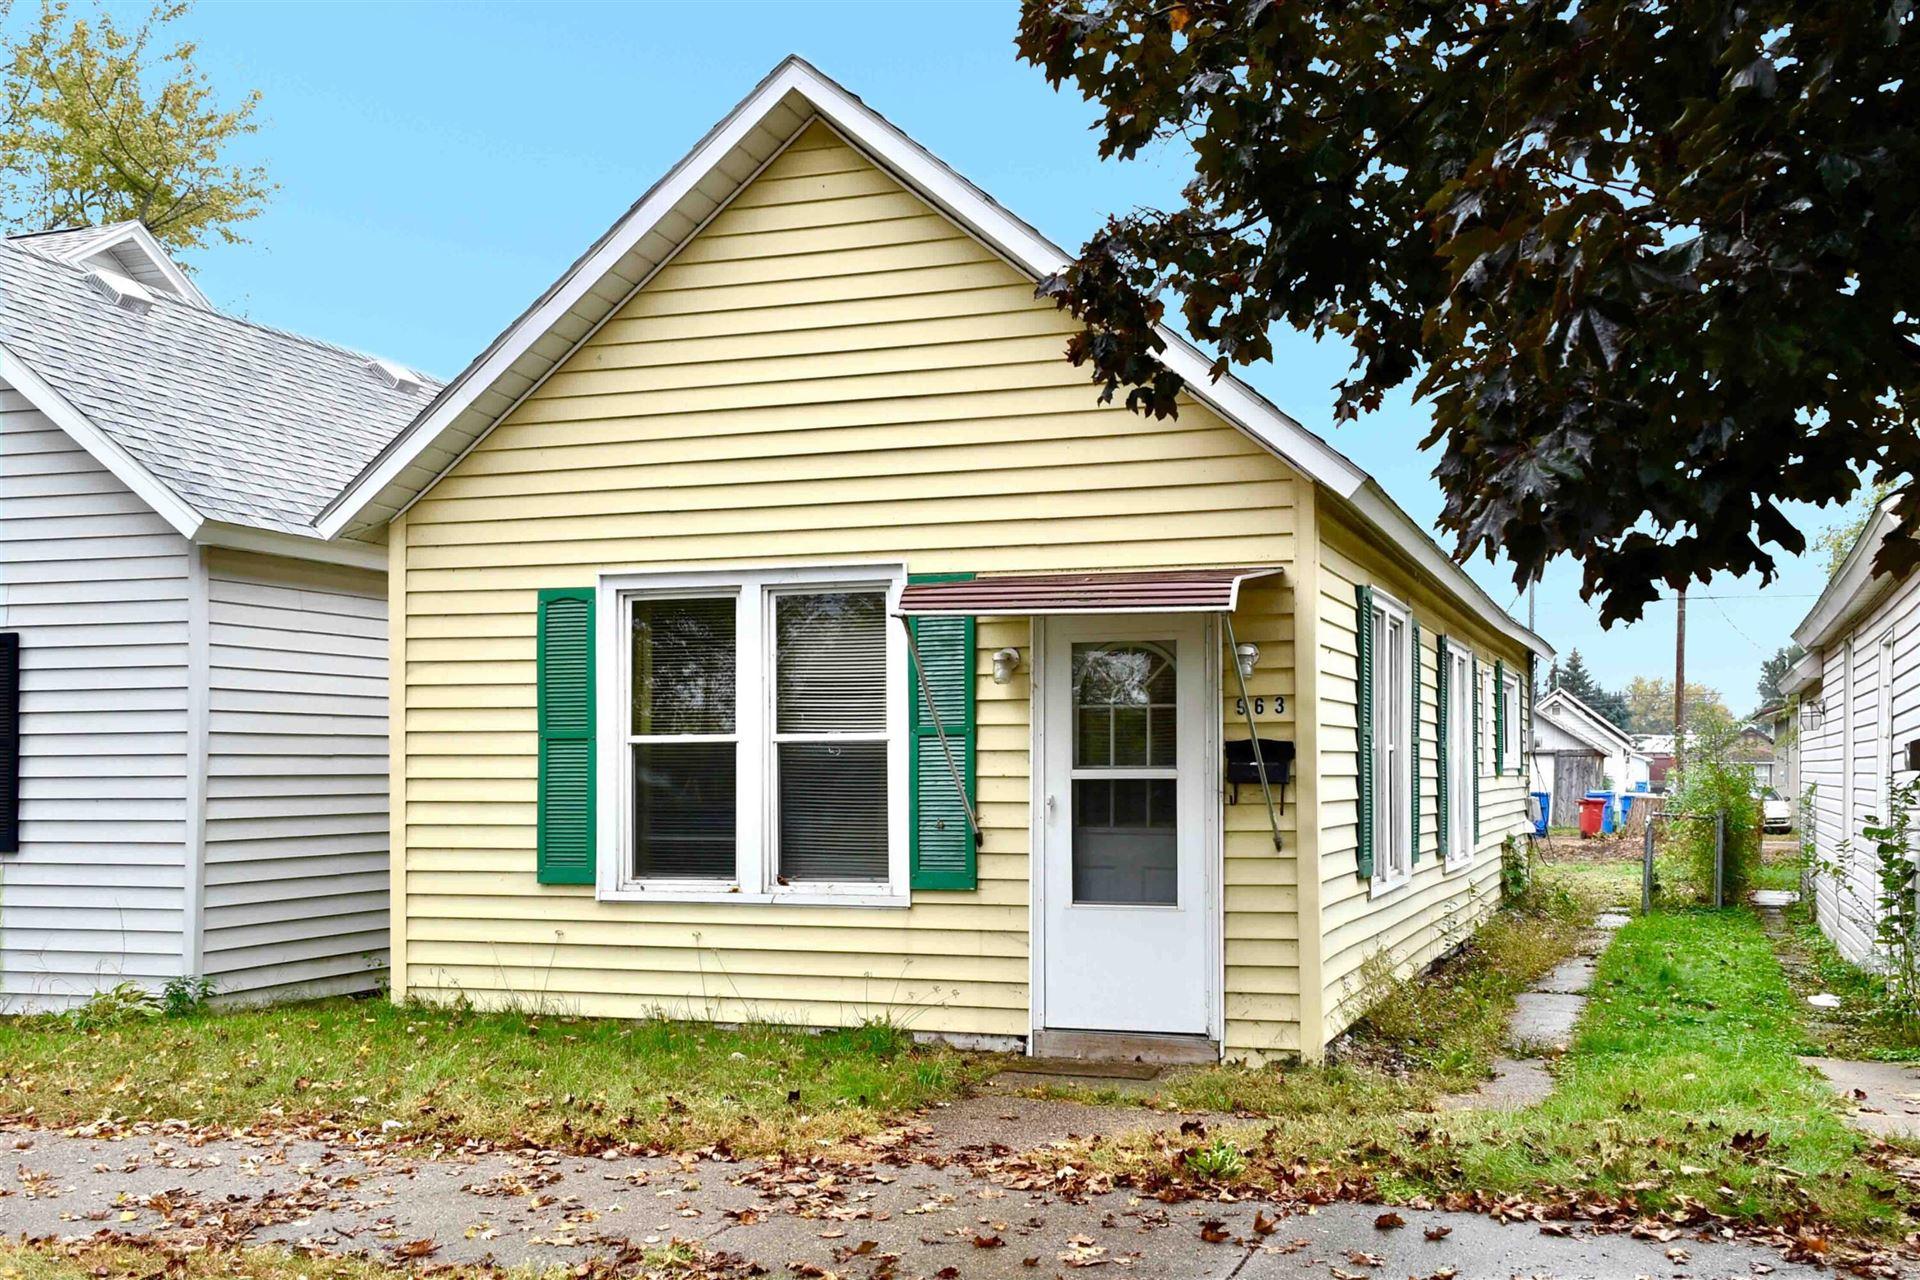 963 8th St E, Winona, MN 55987 - MLS#: 1766818